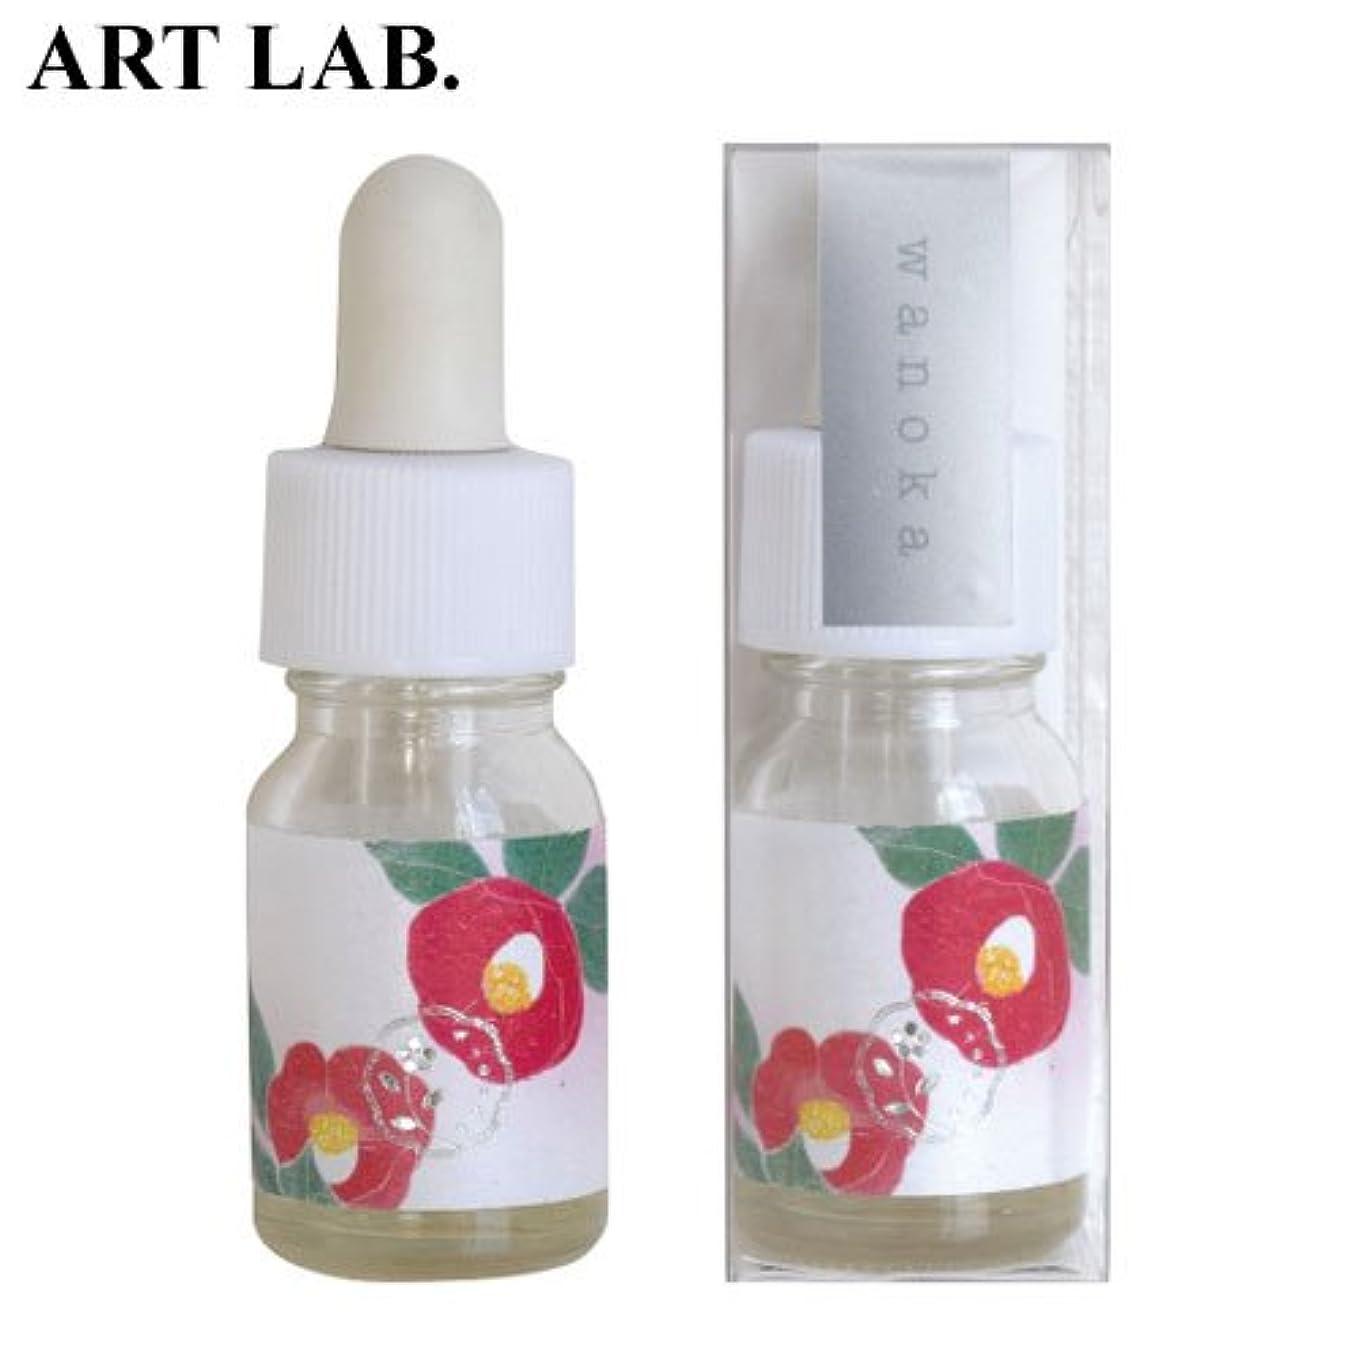 若いワイン写真撮影wanoka香油アロマオイル椿《おしとやかで深みのある香り》ART LABAromatic oil